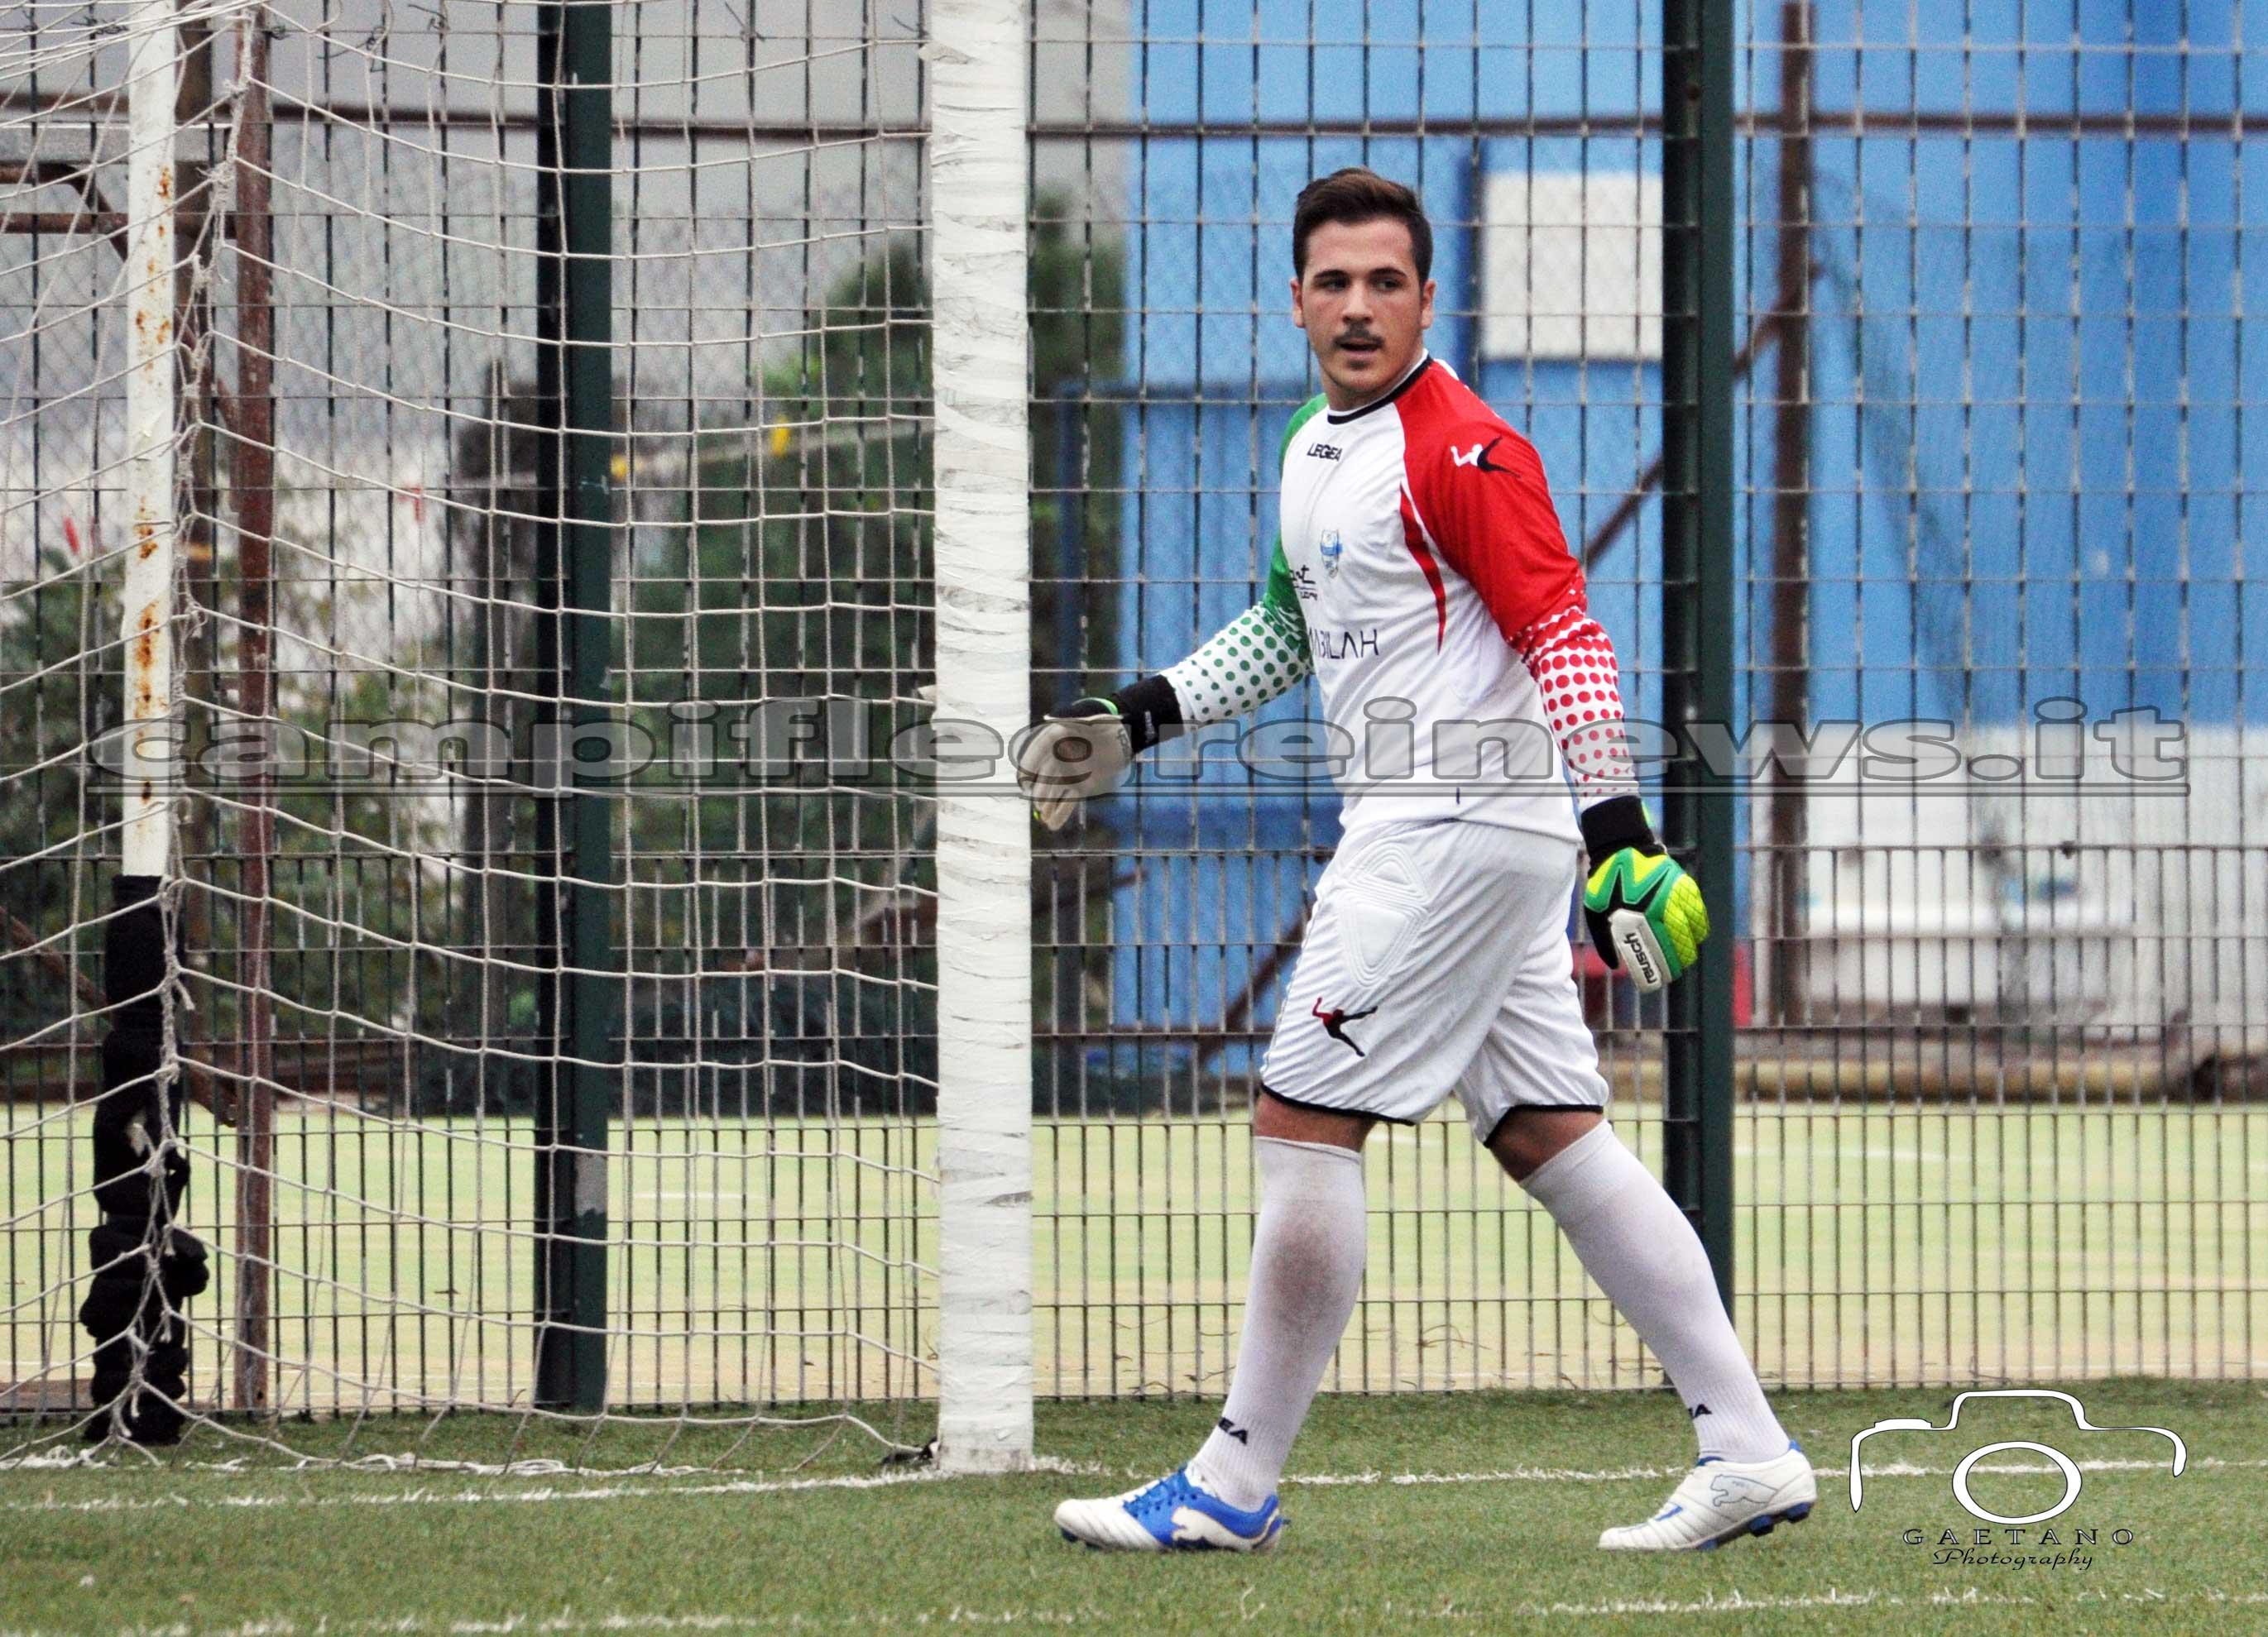 Pro Calcio Bacoli-San Giorgio - Illiano